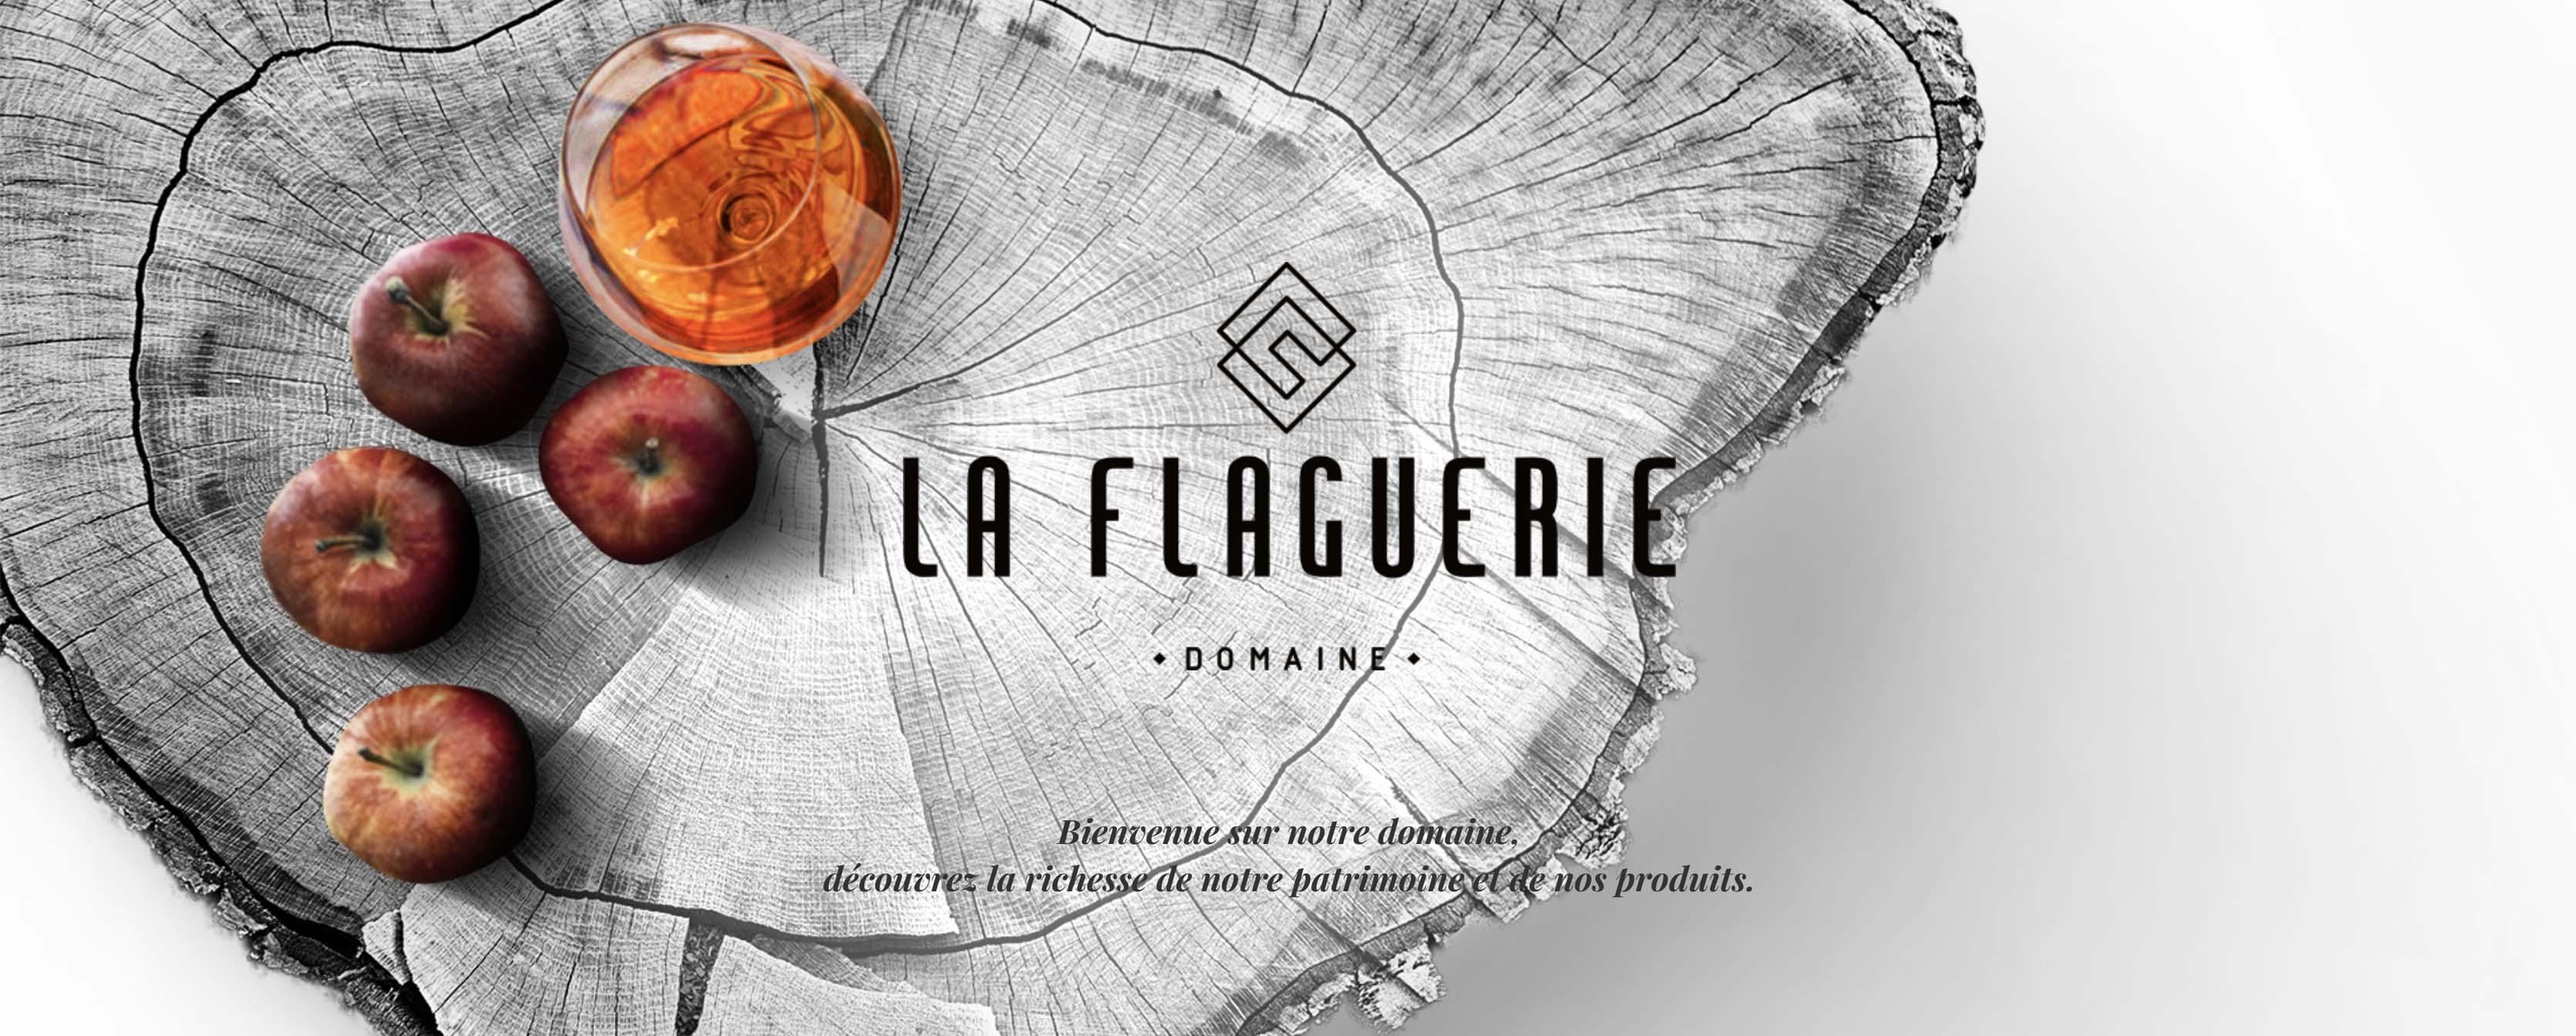 Domaine de La Flaguerie – Les Vergers de Ducy